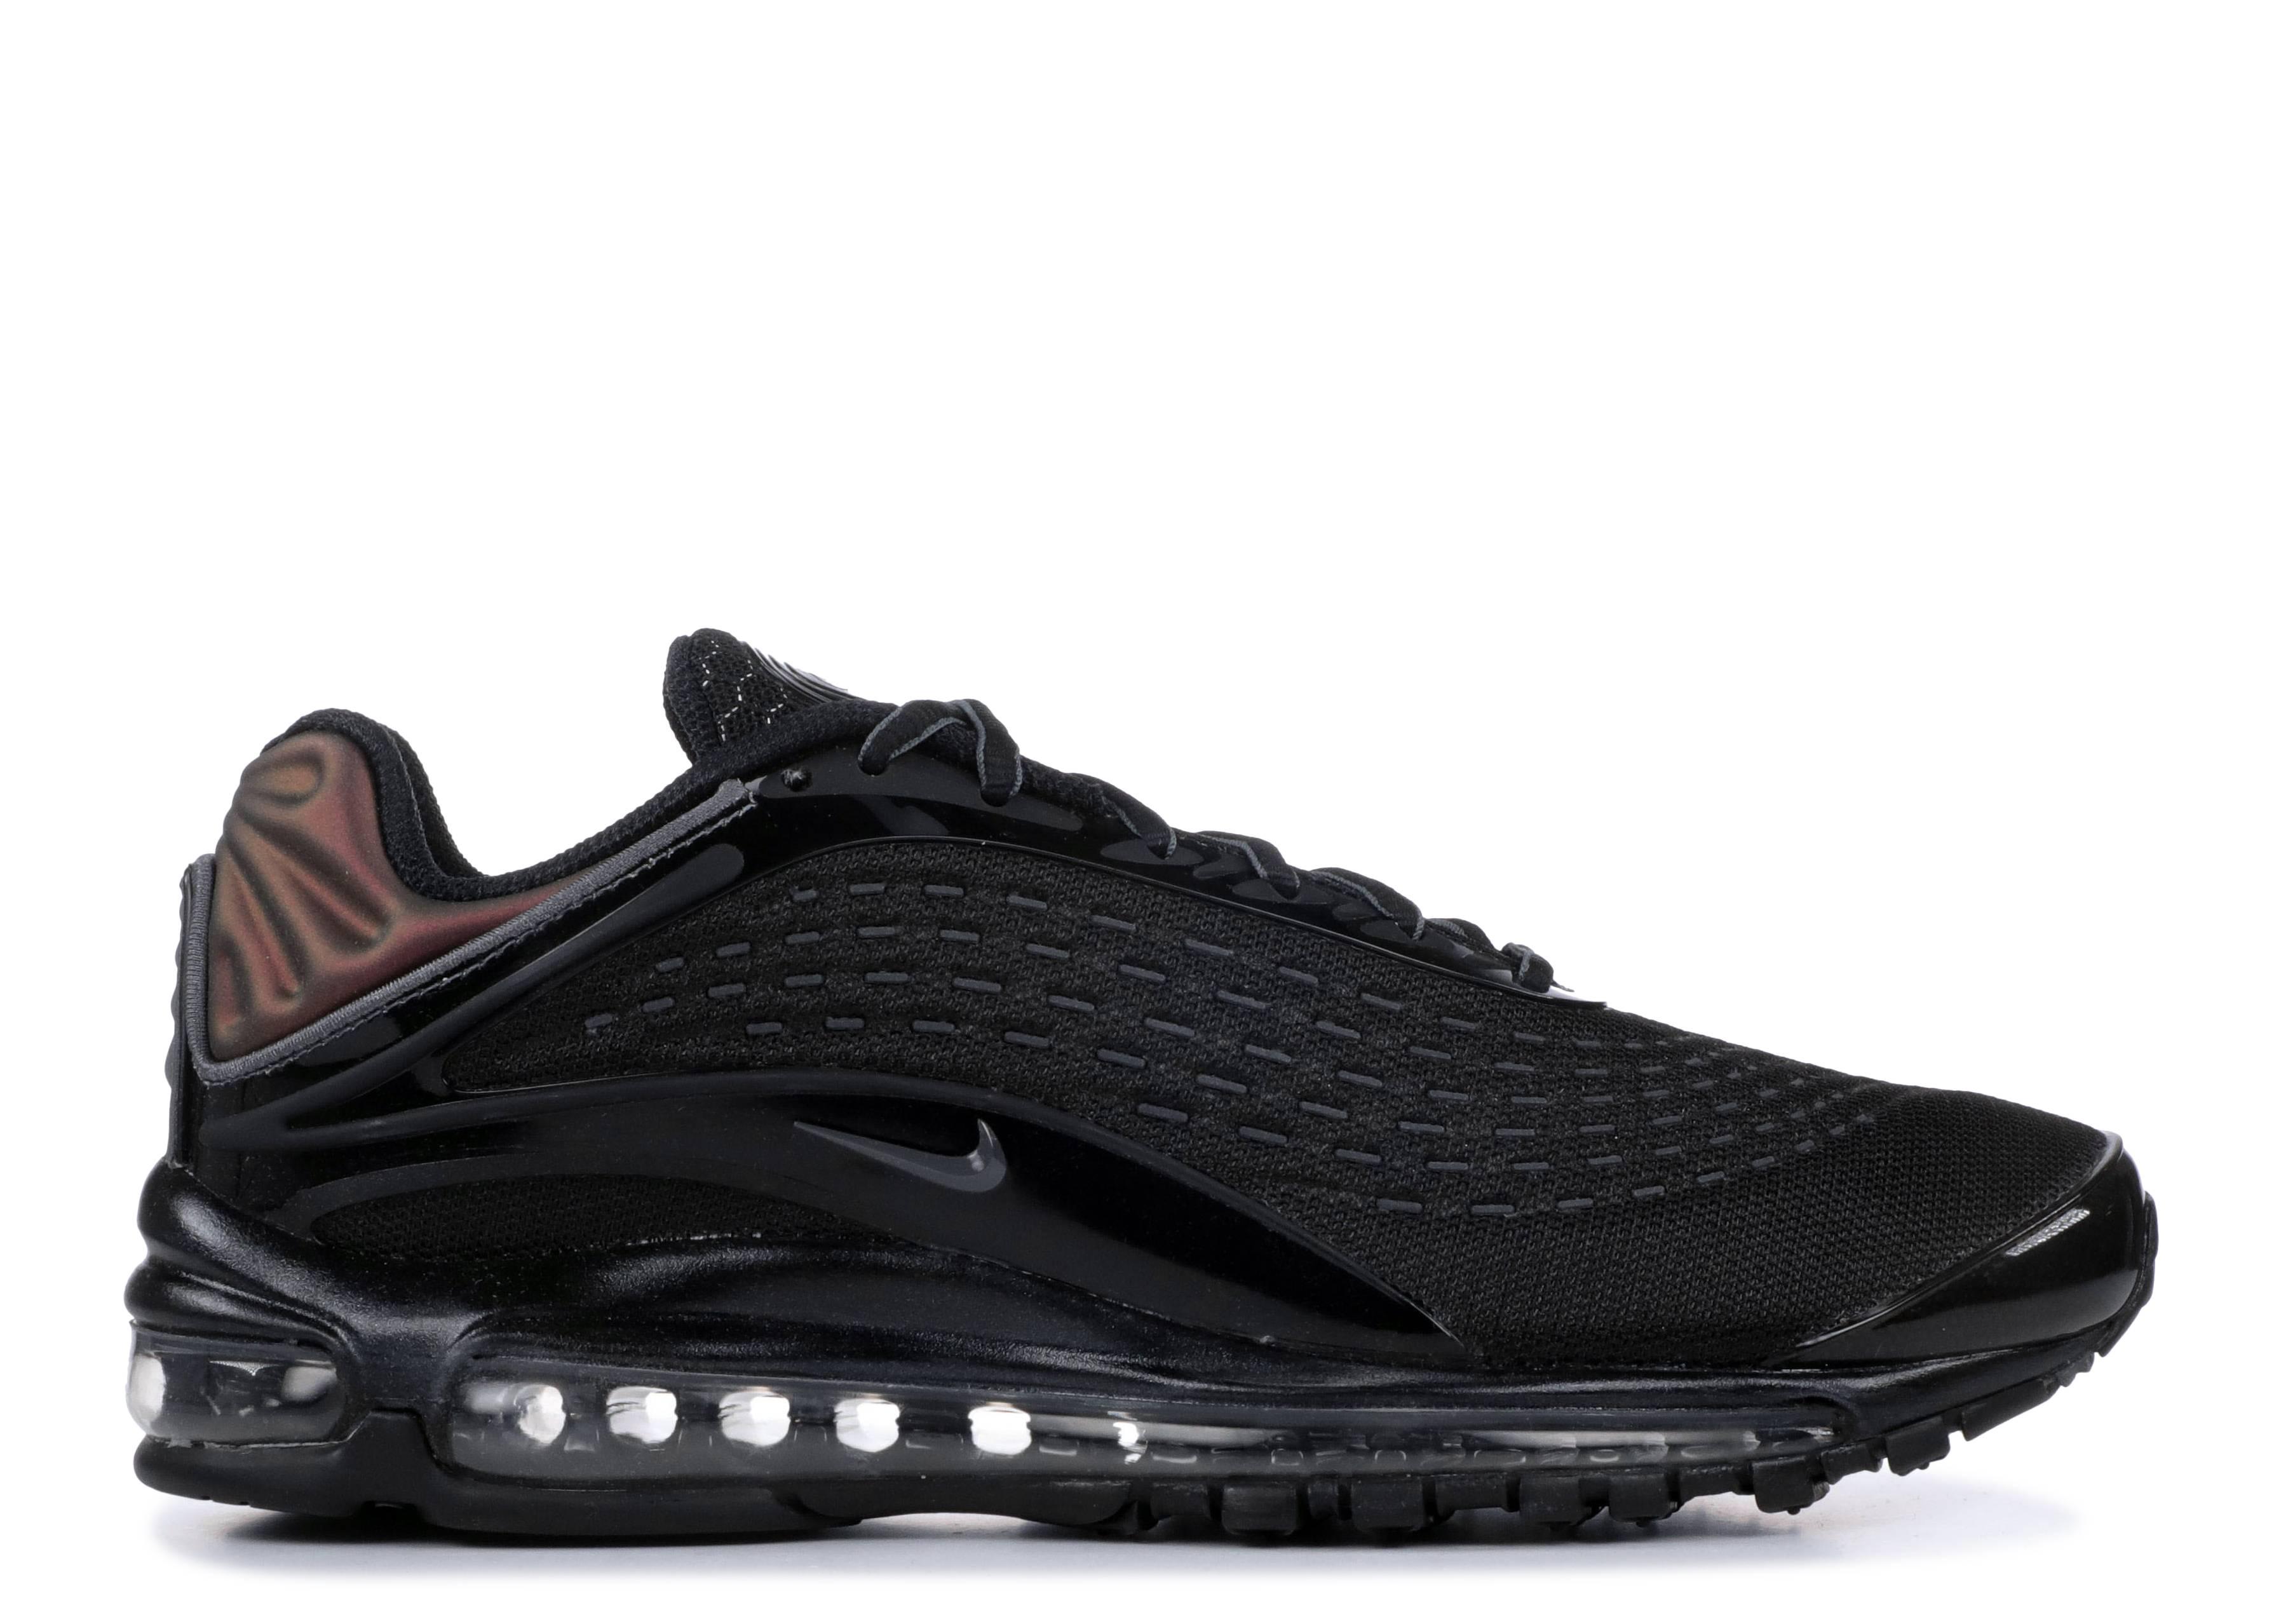 Nike Air Max Deluxe Black Grey AV2589 001 Release Info